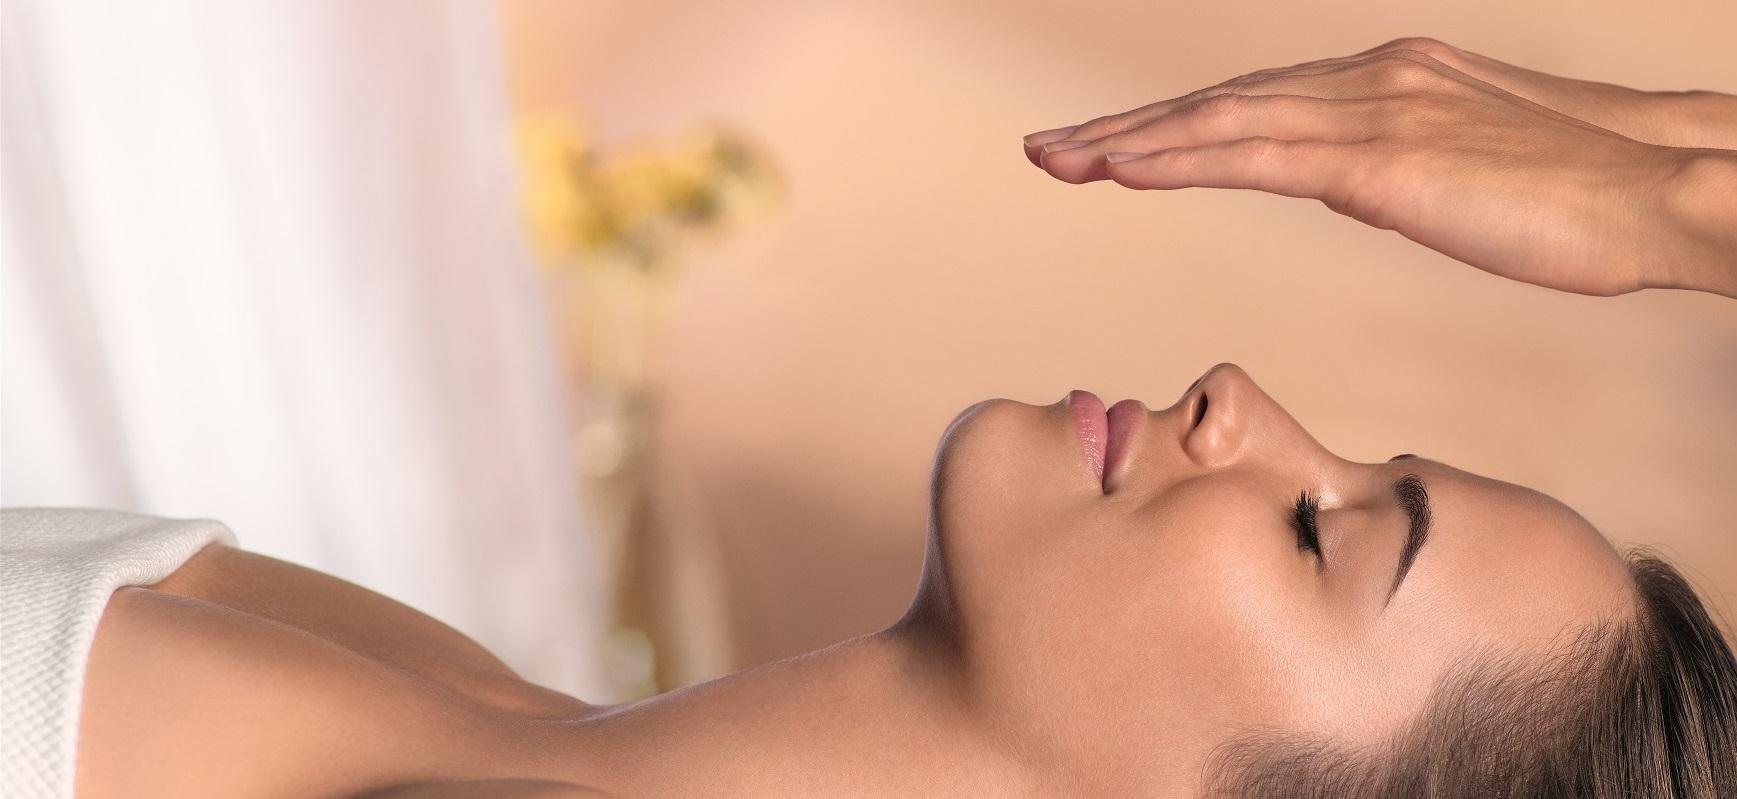 Medycyna estetyczna i Tradycyjna Medycyna Chińska. Połączenie, którego efektem jest zdrowie i naturalne piękno.